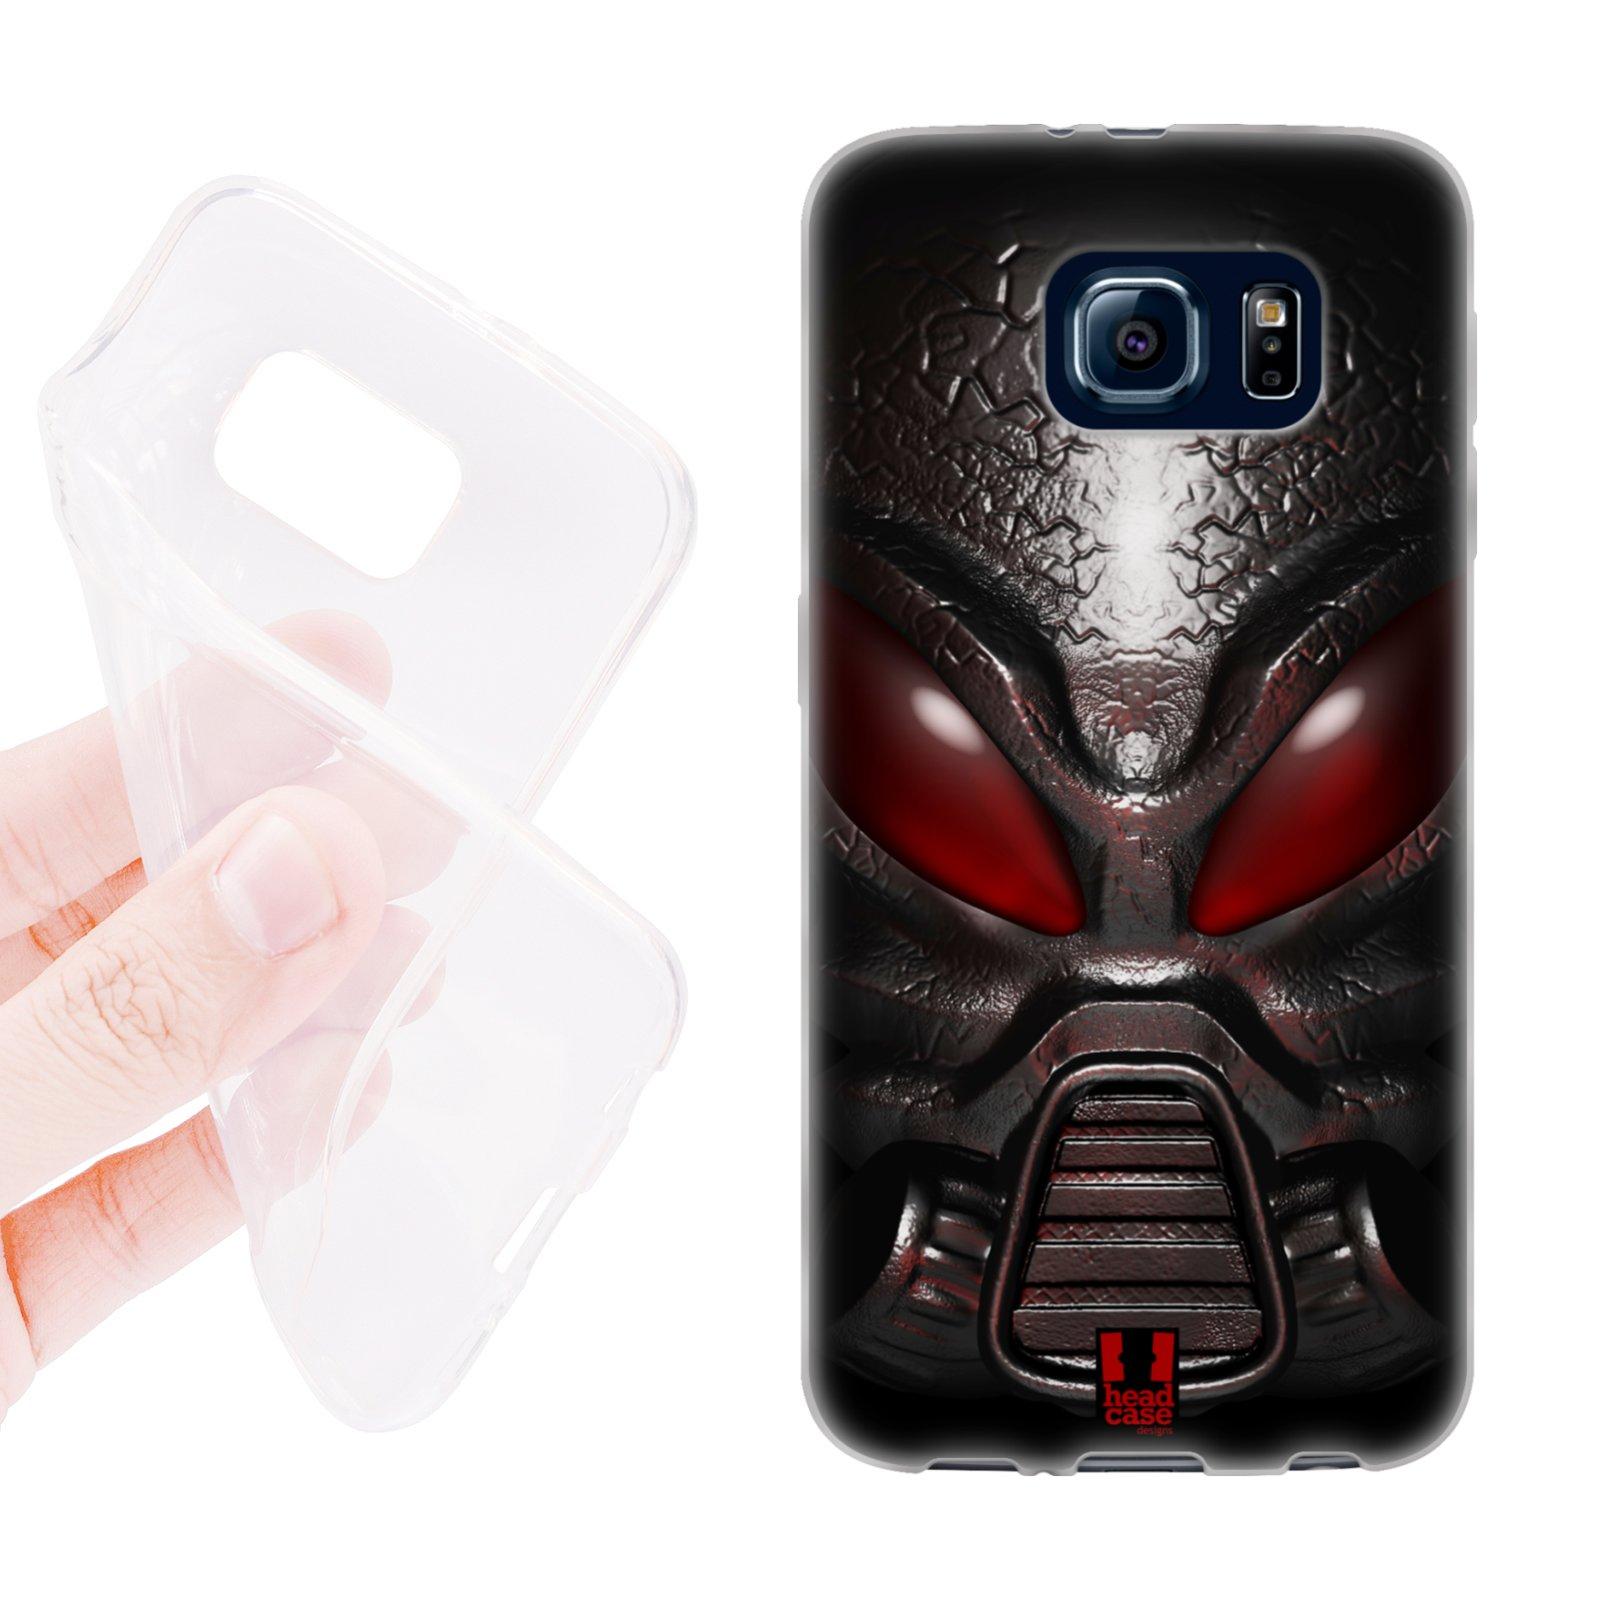 HEAD CASE silikonový obal na mobil Samsung galaxy S6 vesmírný válečník červená